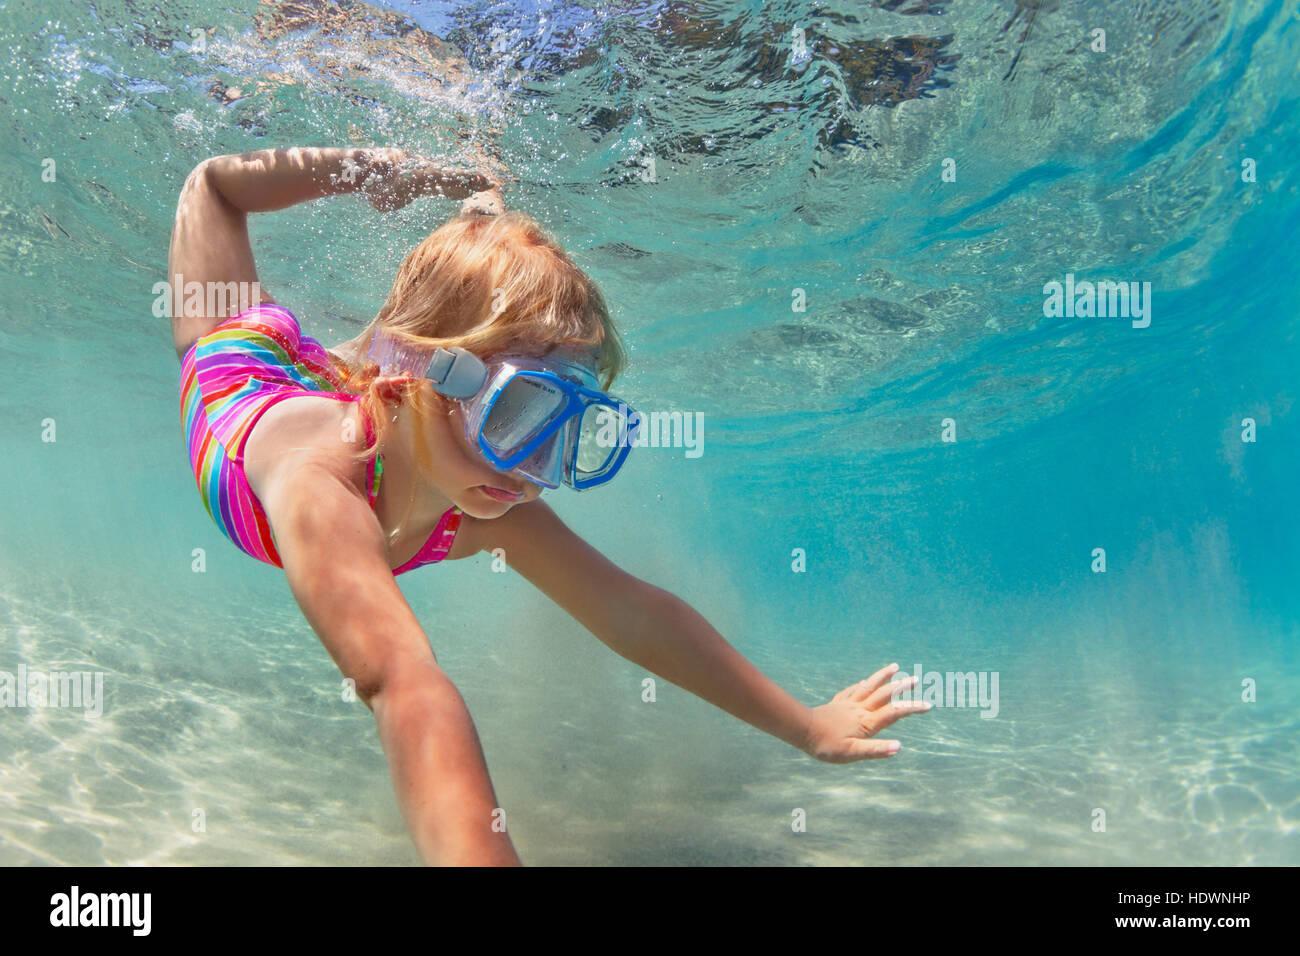 Glückliches Baby Mädchen in Schnorchel Maske Schwimmen und Tauchen unter Wasser mit Spaß im Meer Stockbild